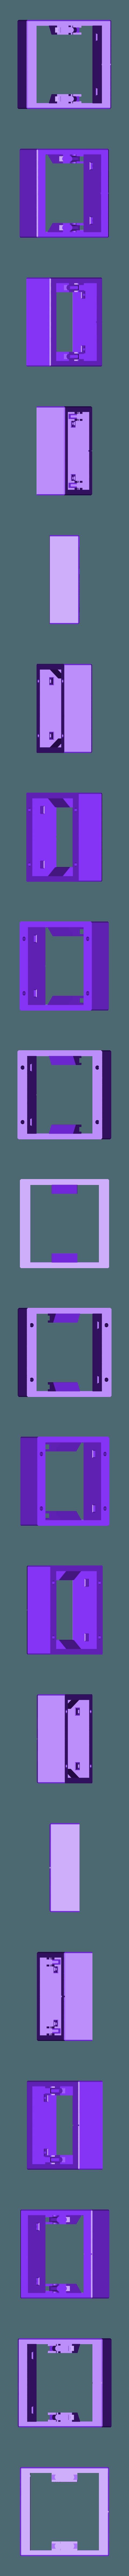 BASE.stl Download free STL file VTOL VR 3D printed VIVE controller addon • 3D printer design, 3D_Bus_Driver